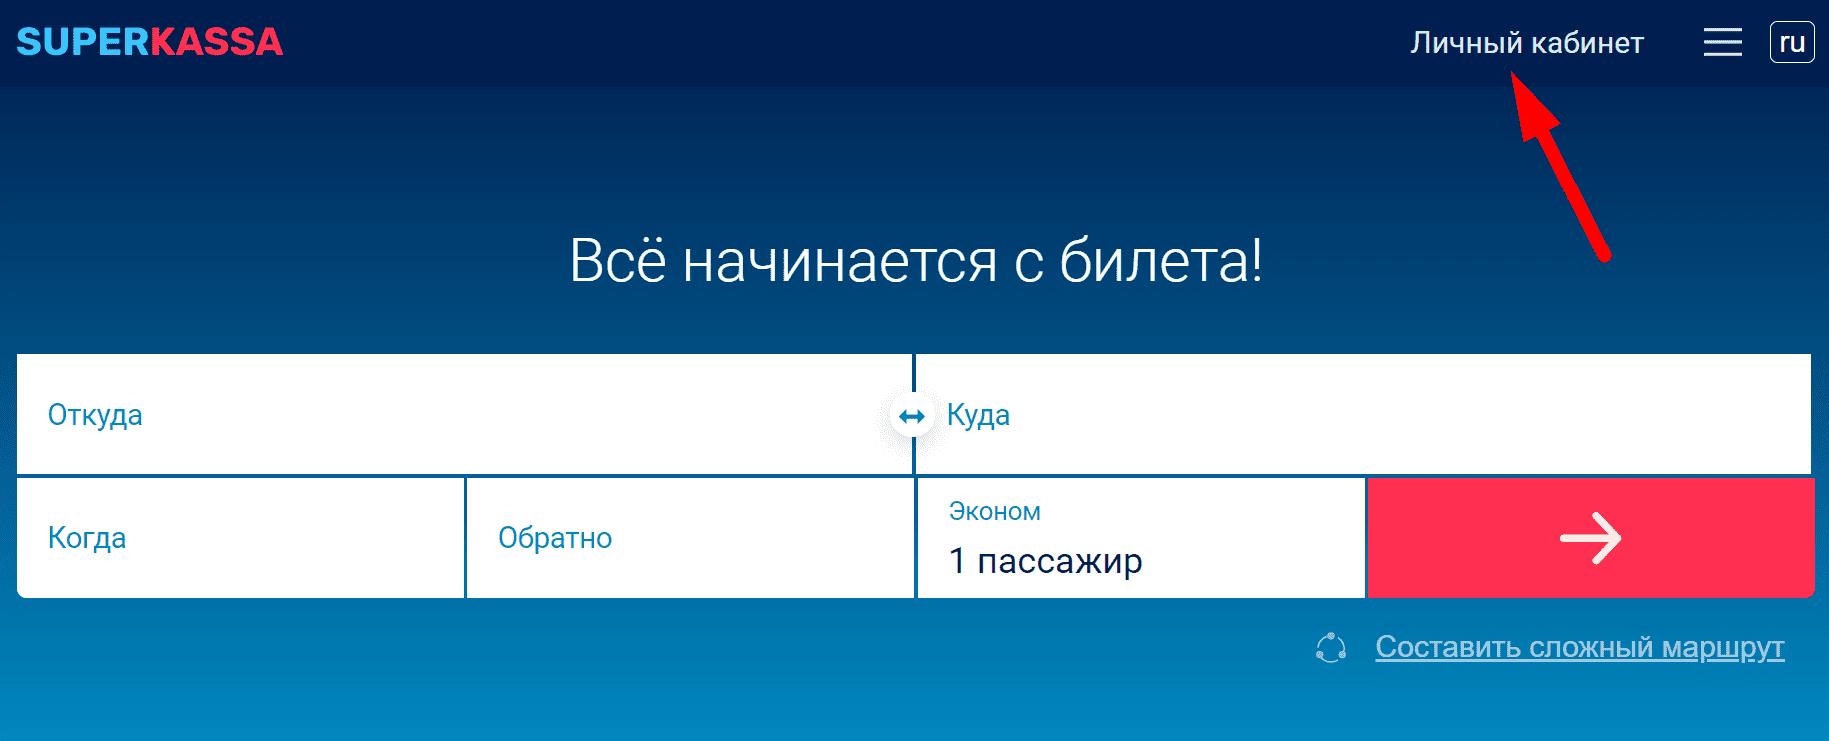 Ссылка на официальный сайт онлайн-сервиса «Суперкасса»